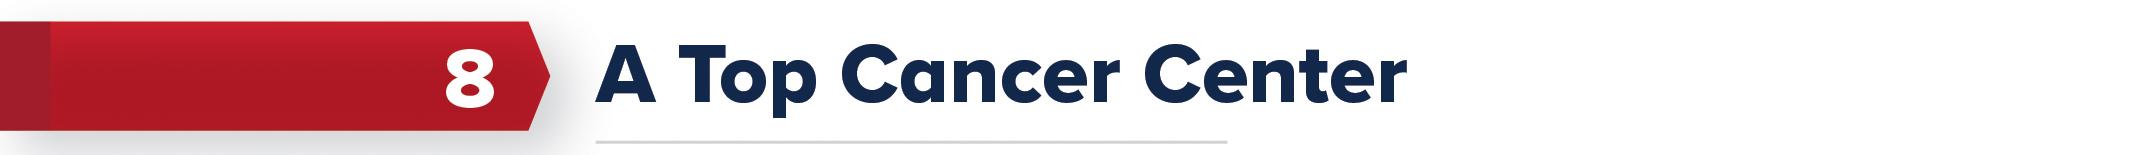 8. A Top Cancer Center